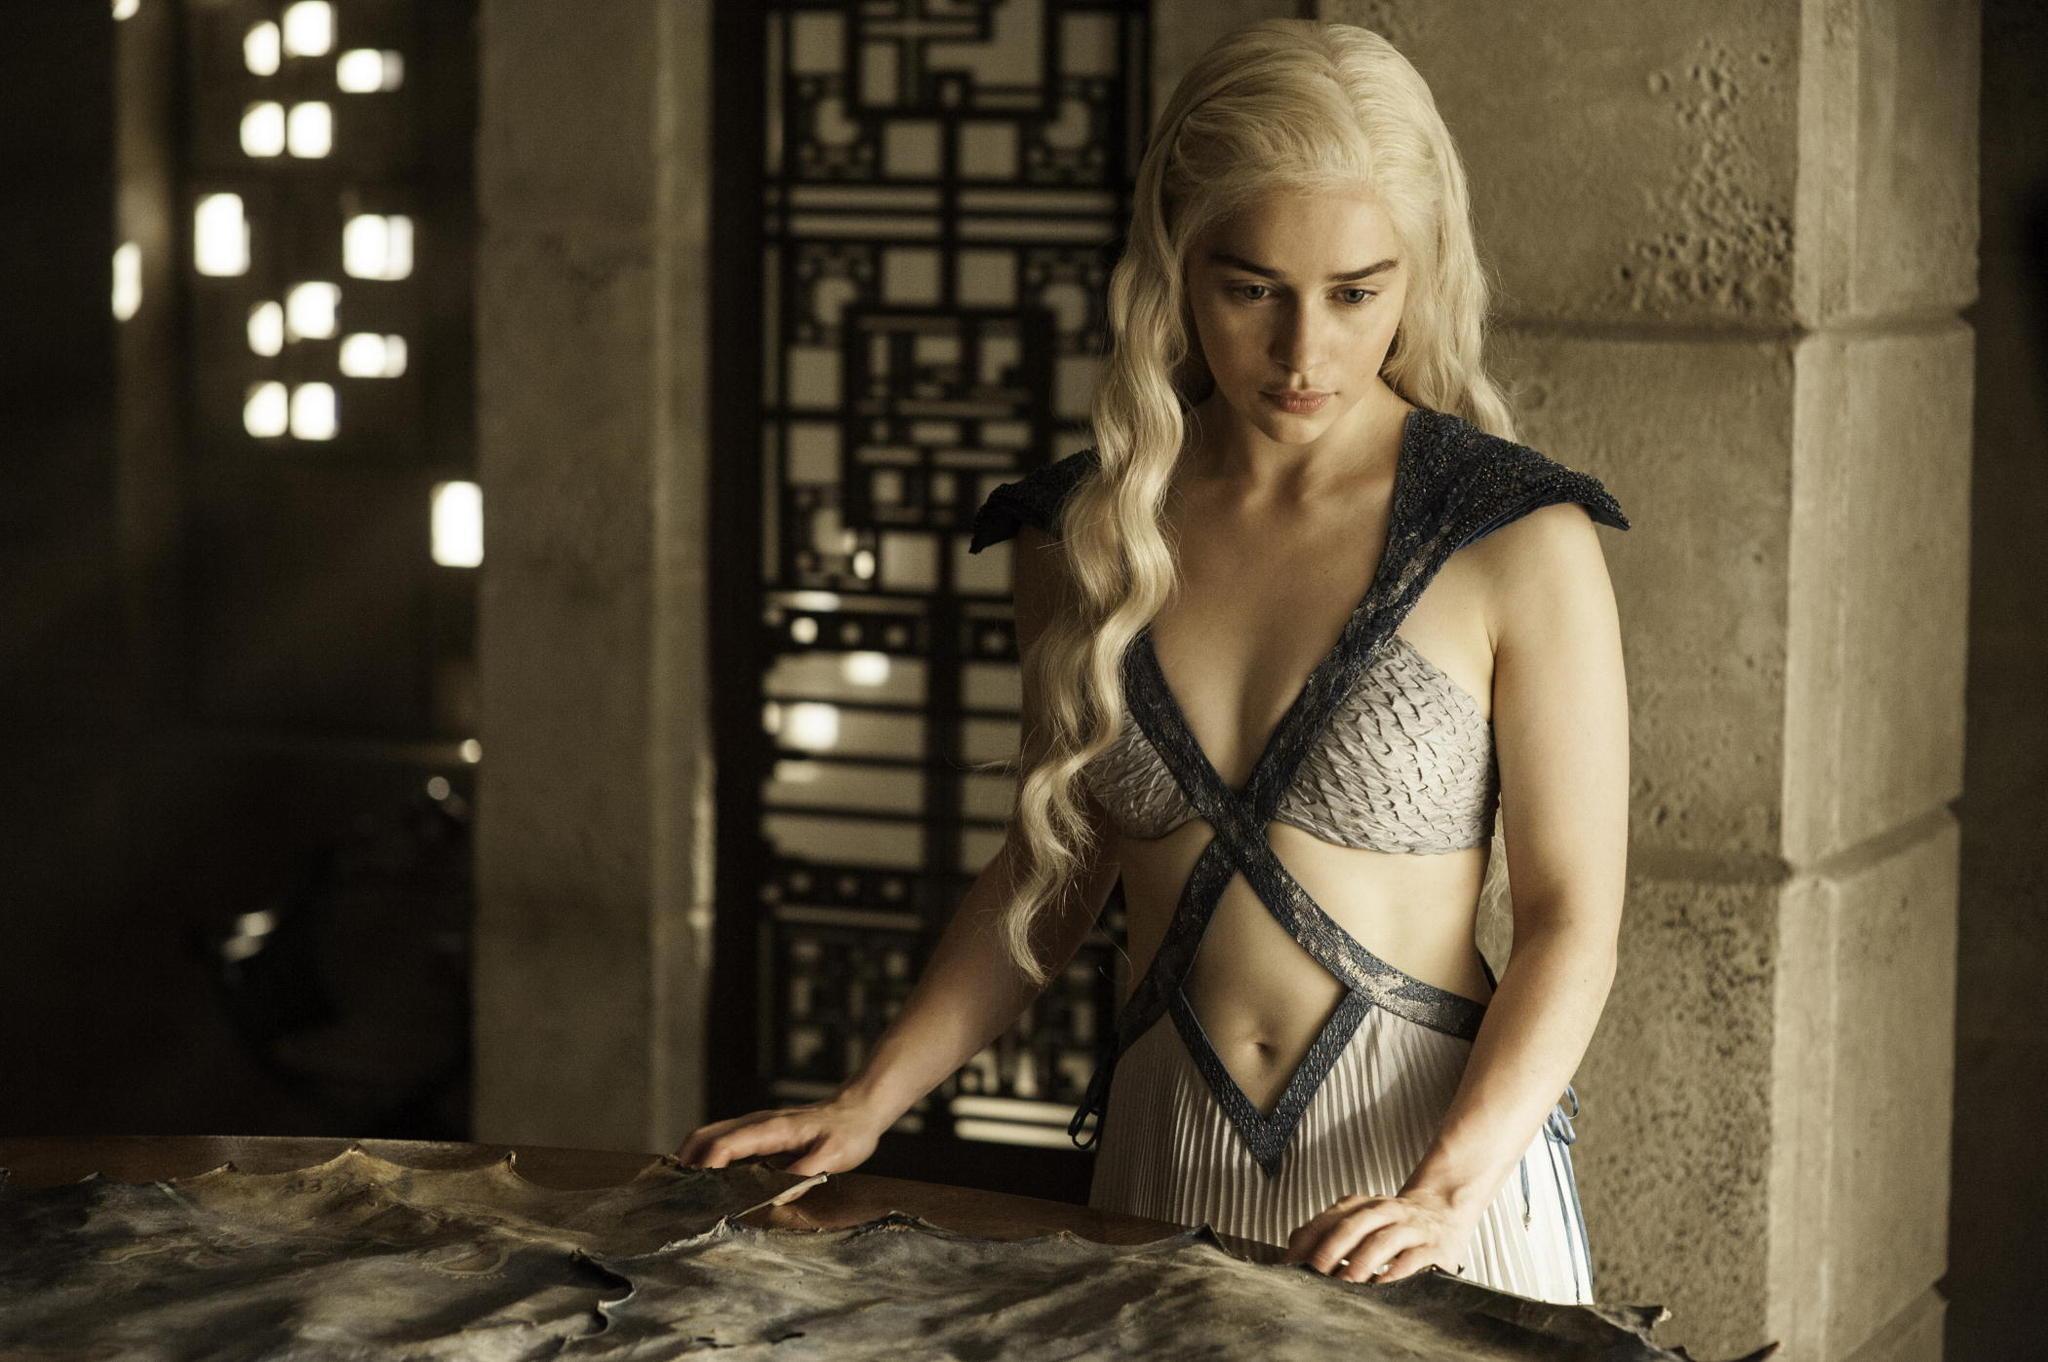 Il trono di spade: Emilia Clarke in una scena dell'episodio Mockingbird